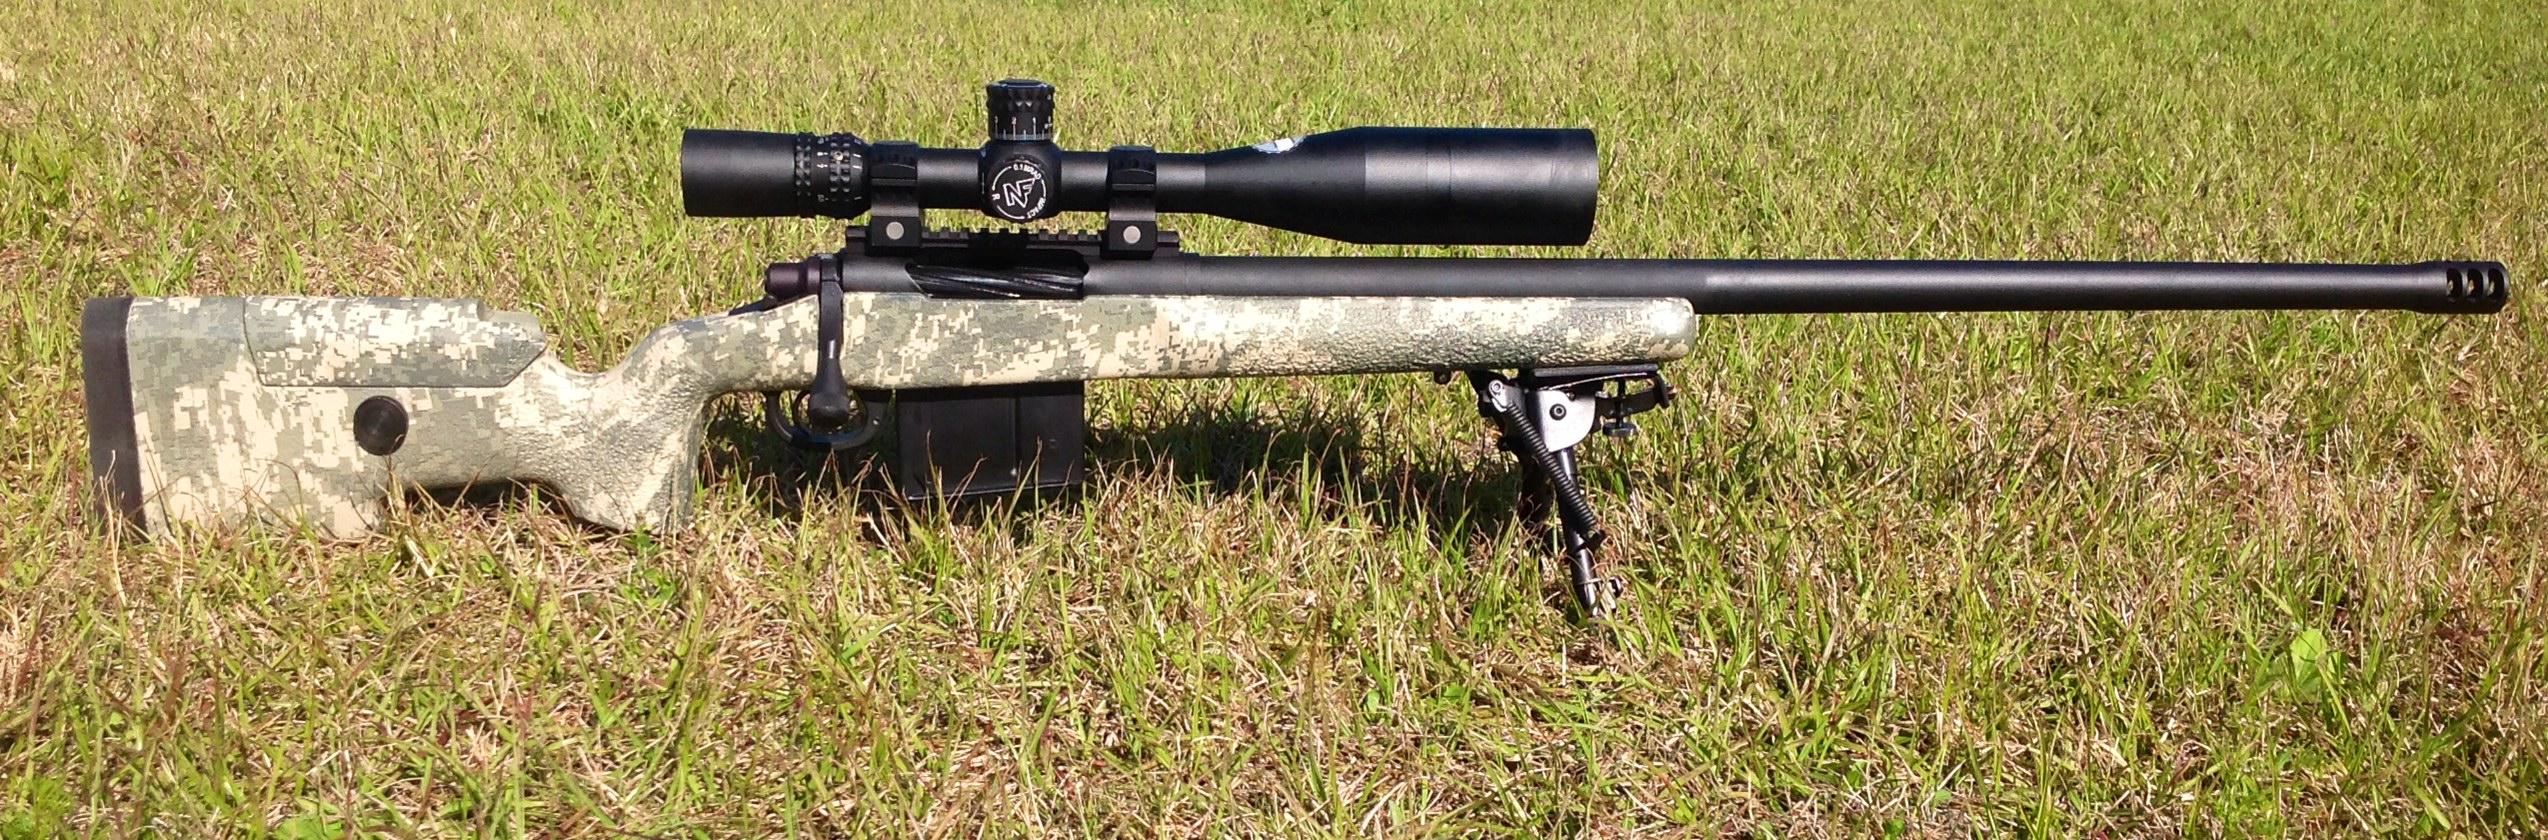 Tactical M40